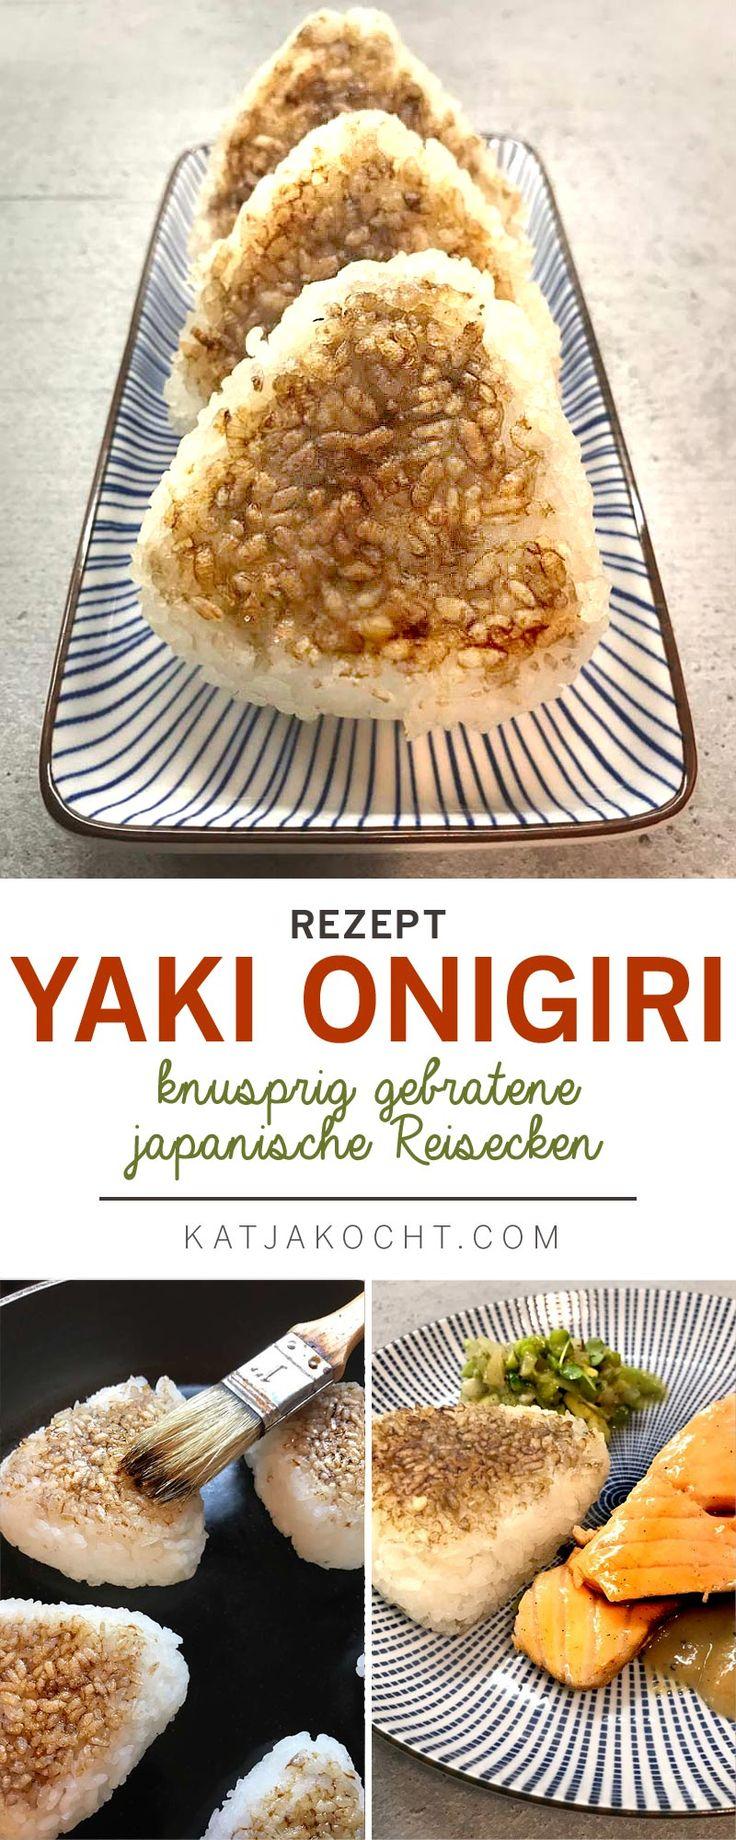 Reis zu anknuspern: die gebratenen japanischen Reisecken sind ganz einfach & schnell zubereitet und passen perfekt zu gegrillten Gerichten. Das Rezept ist einfach lecker!